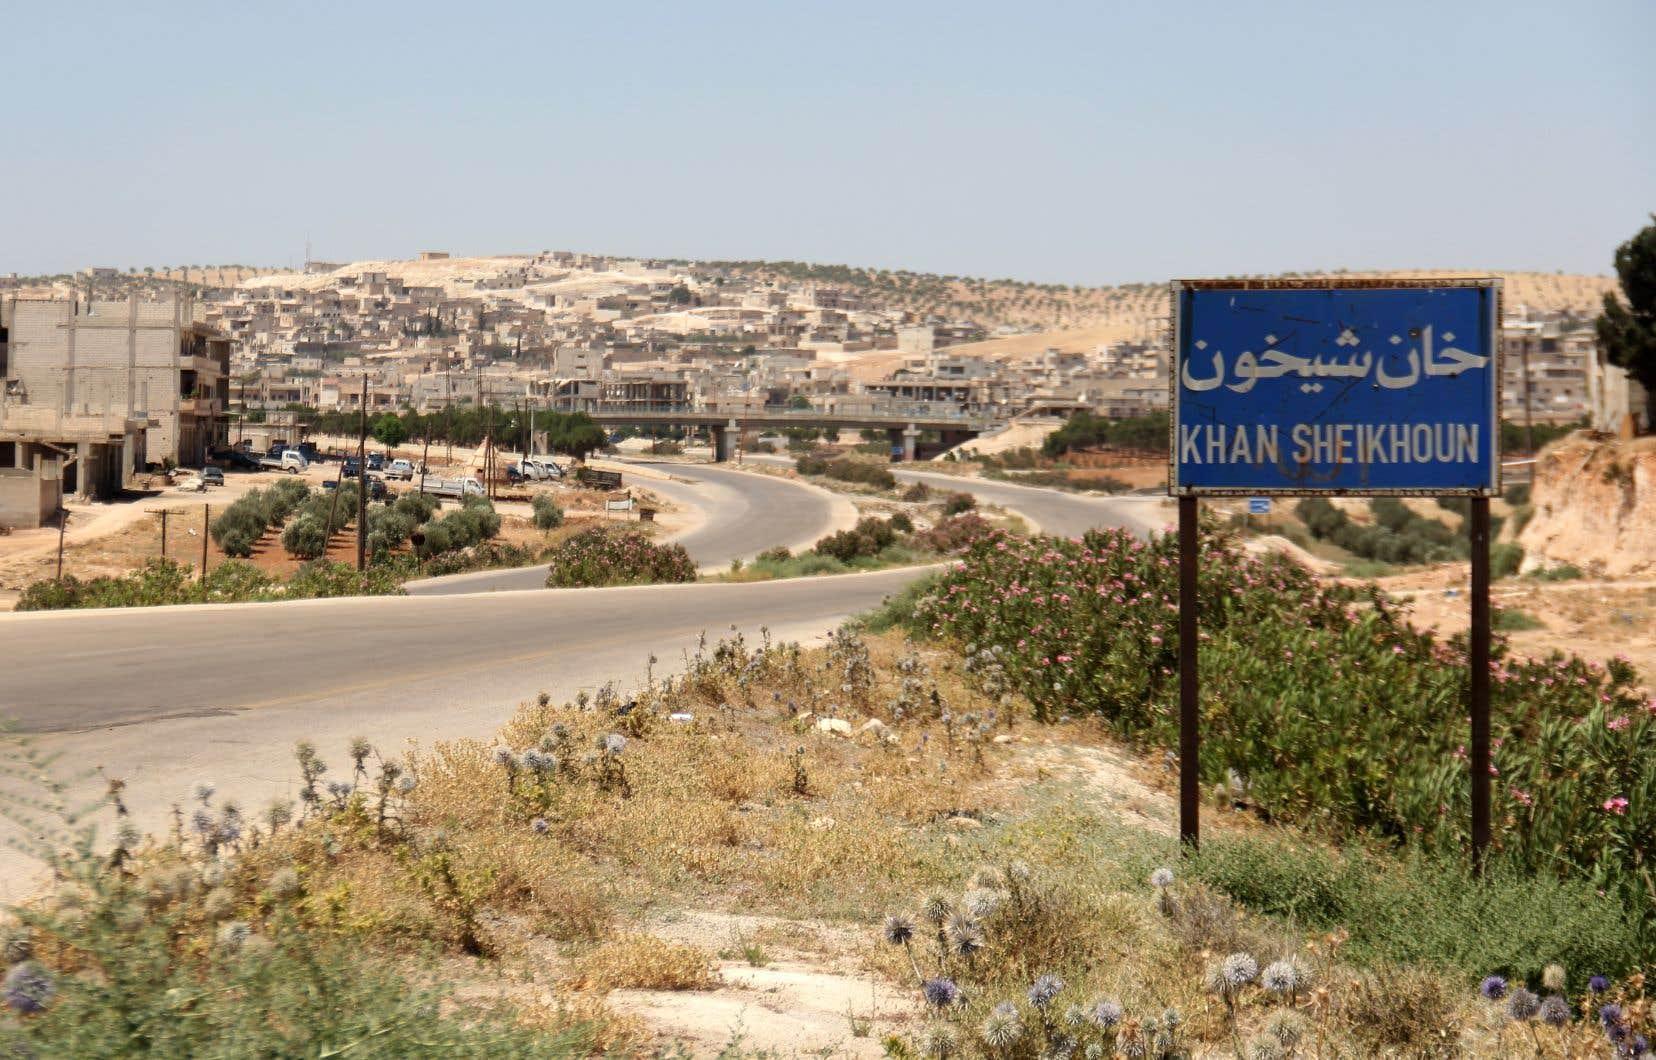 Le 4avril 2017, un raid aérien frappait Khan Cheikhoun, petite ville de la province d'Idleb, place forte des rebelles et des djihadistes dans le nord-ouest de la Syrie.